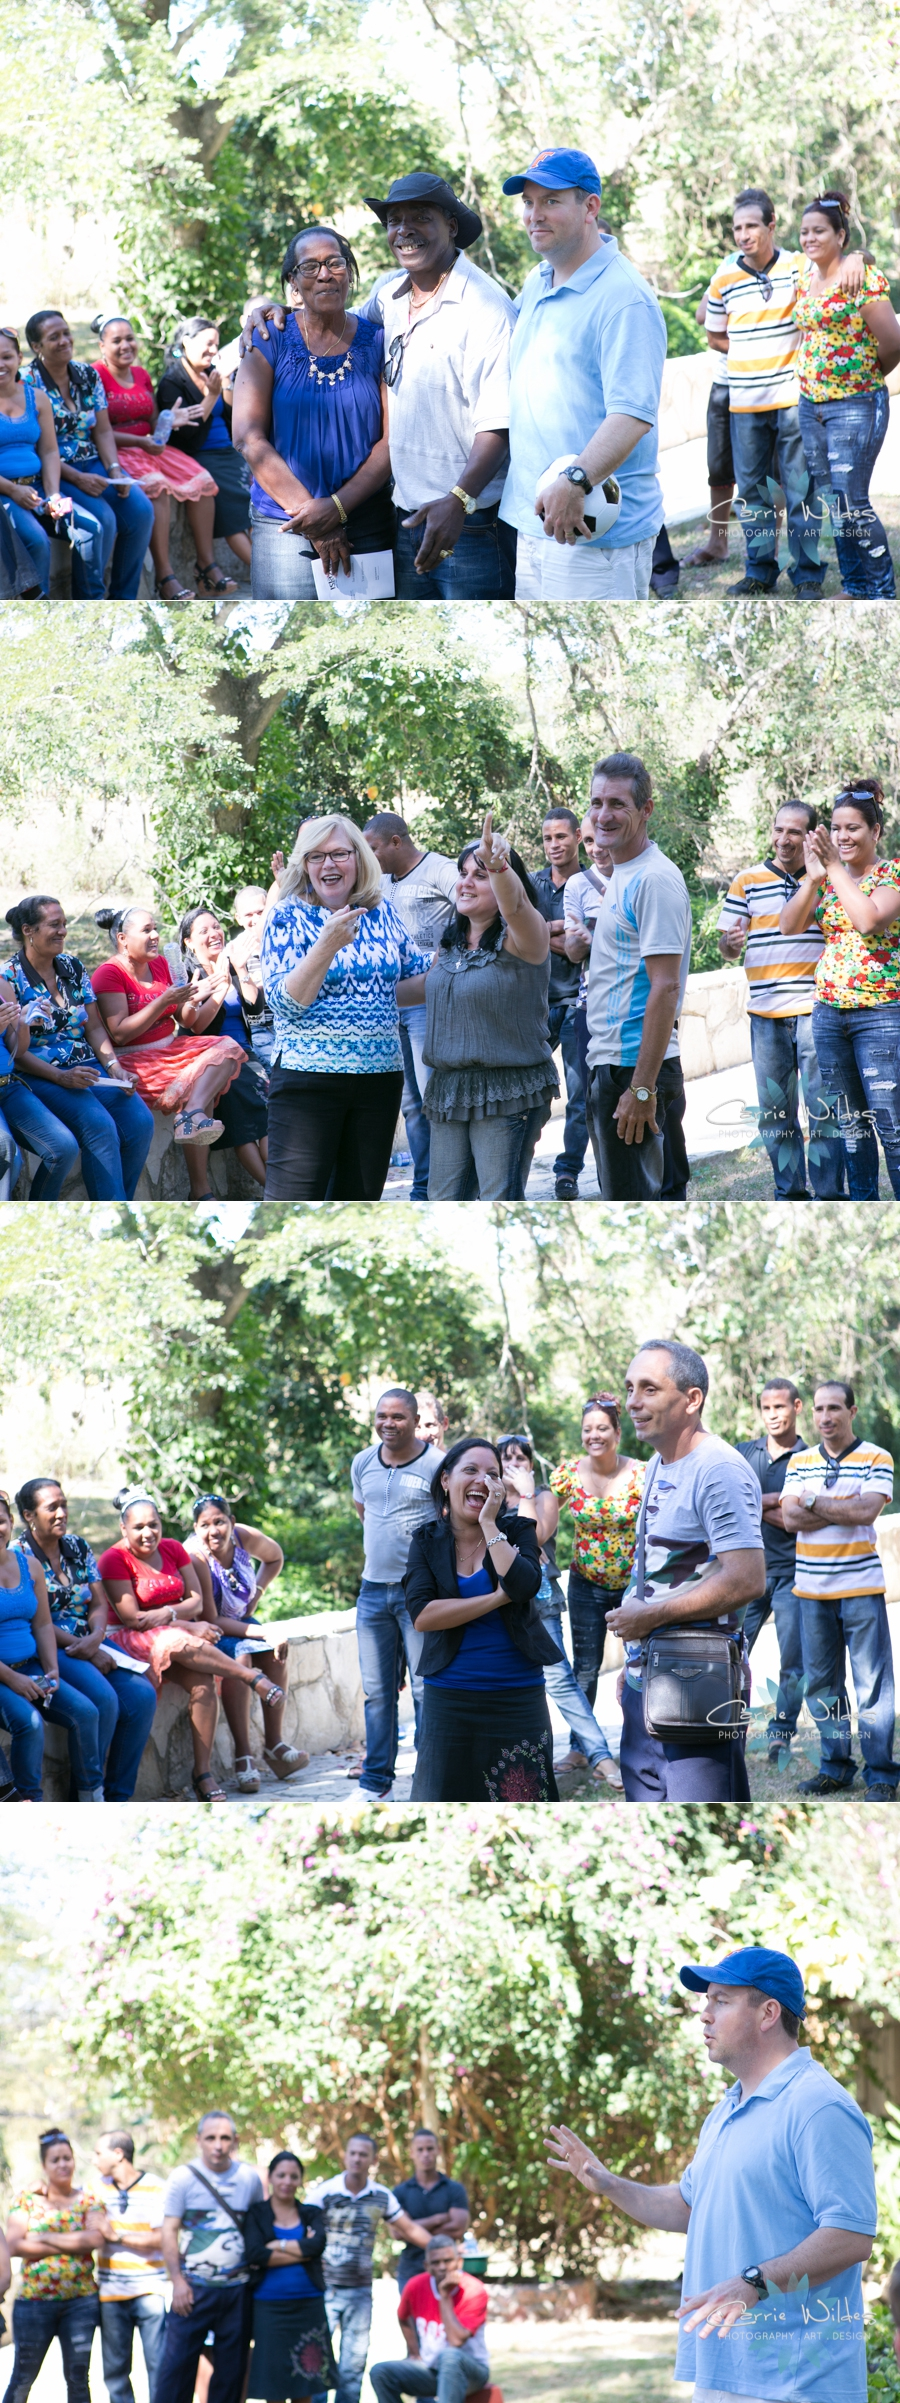 2_13_17 Cuba Wedding Mission Trip_0053.jpg